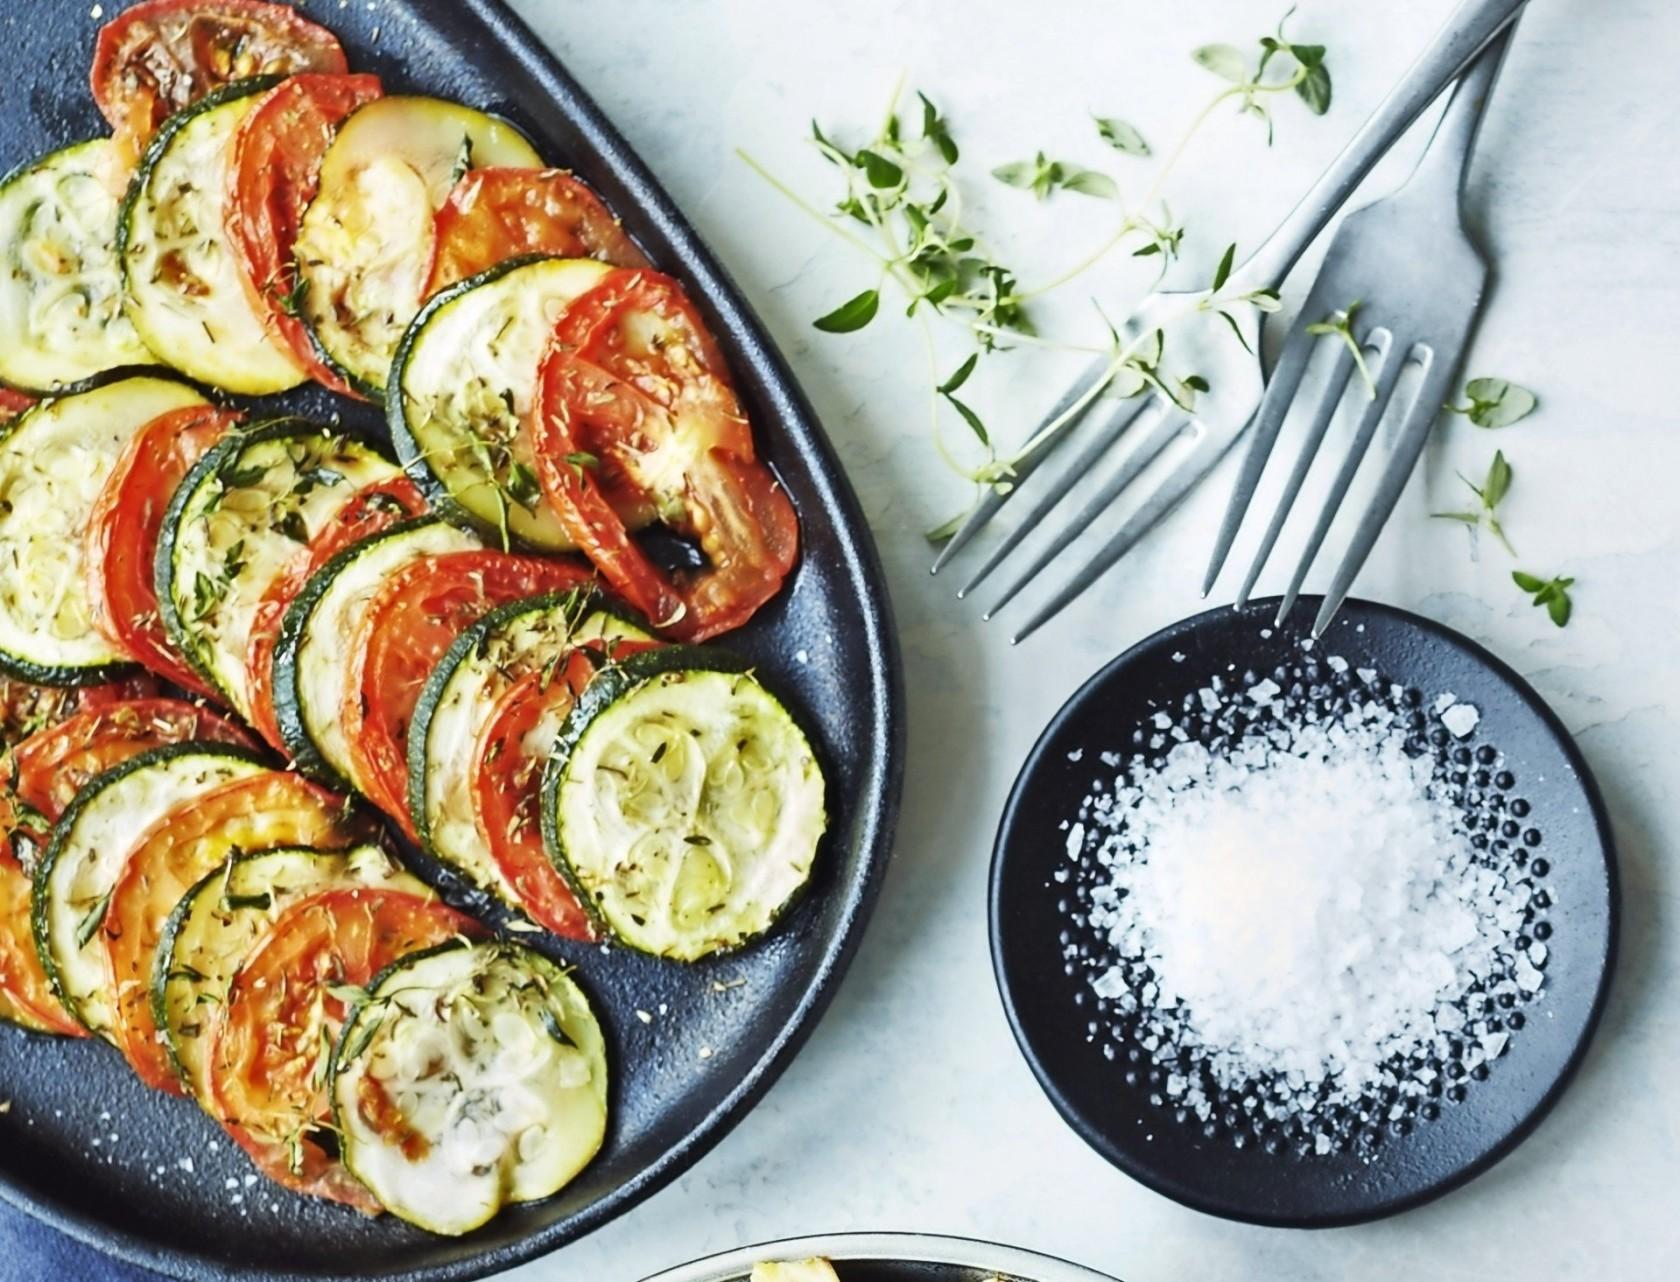 Ovnbagte tomater og squash med krydderurter - det perfekte tilbehør